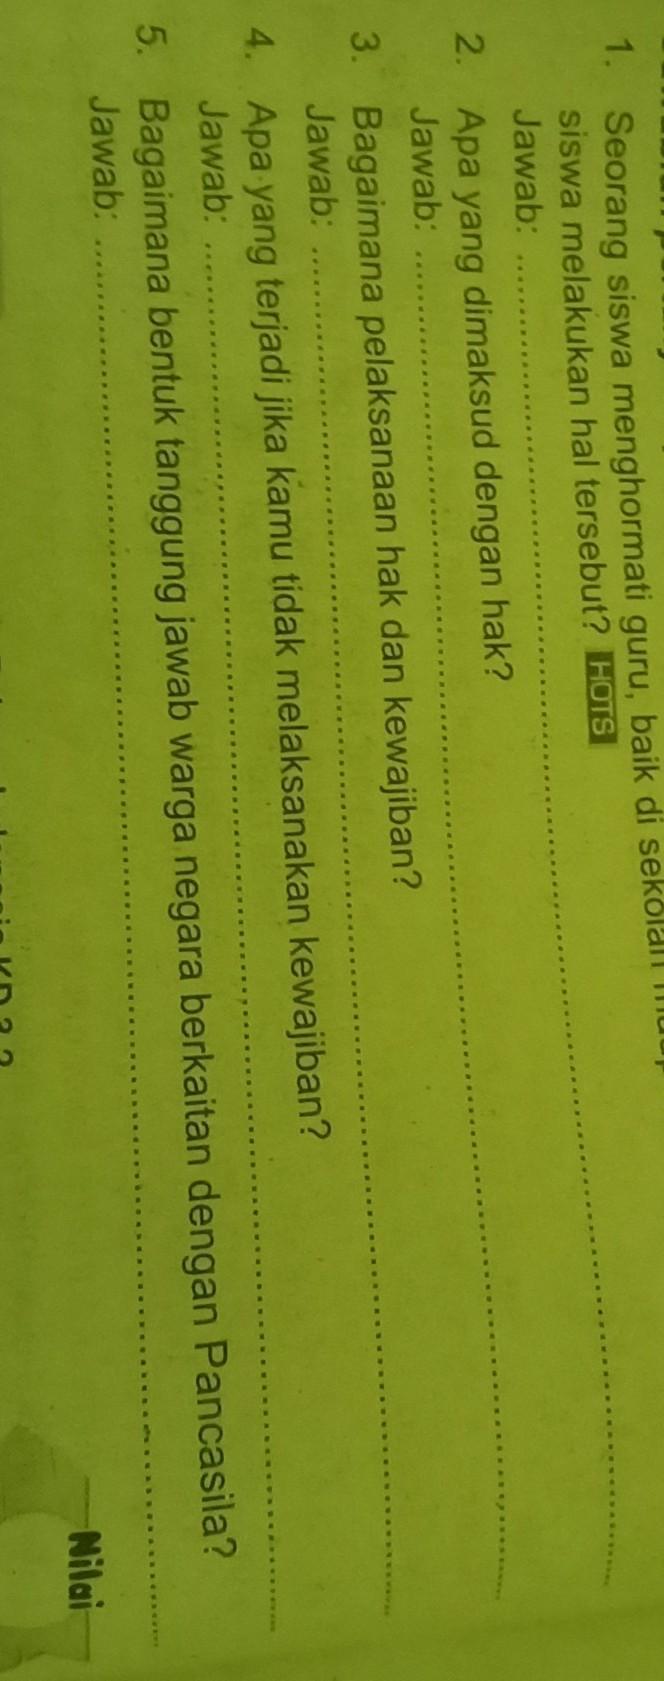 Negara Netral Yang Duduk Dalam Ktn Yang Bukan Ditunjuk Indonesia Maupun Belanda Adalah : negara, netral, duduk, dalam, bukan, ditunjuk, indonesia, maupun, belanda, adalah, Negara, Netral, Duduk, Dalam, Bukan, Ditunjuk, Indonesia, Maupun, Belanda, Adalah, Belajar